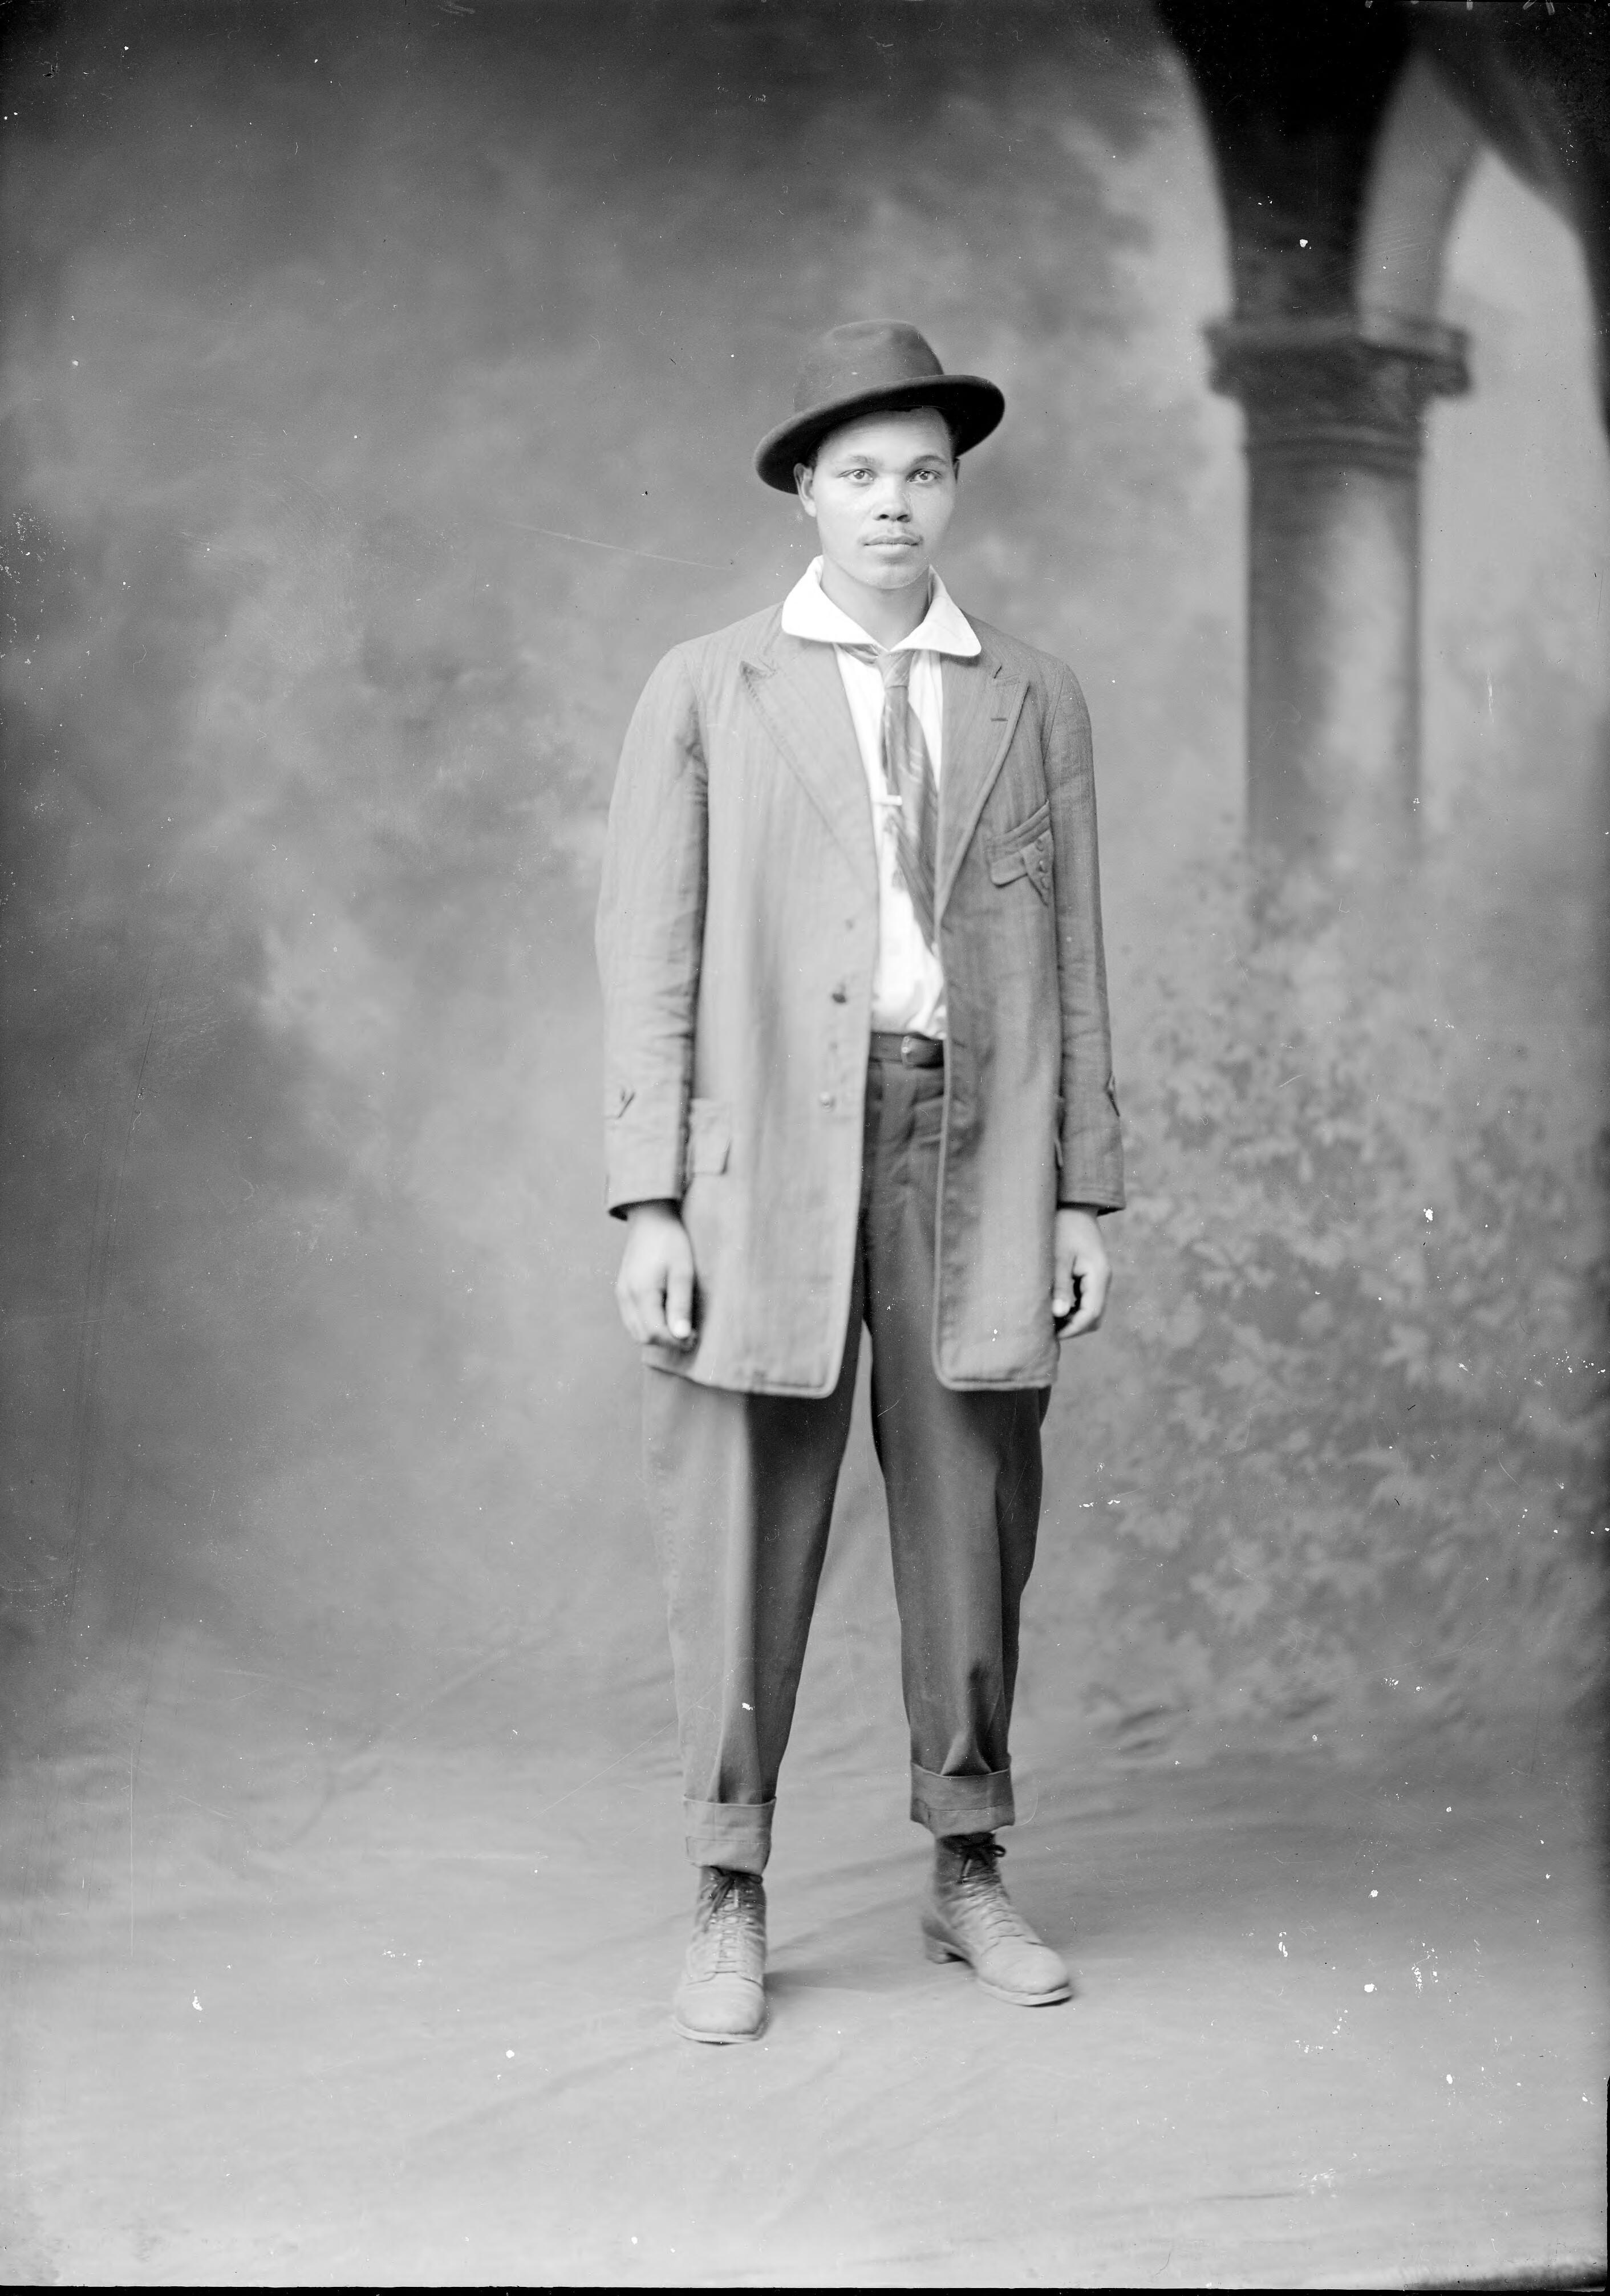 R.W. McKay